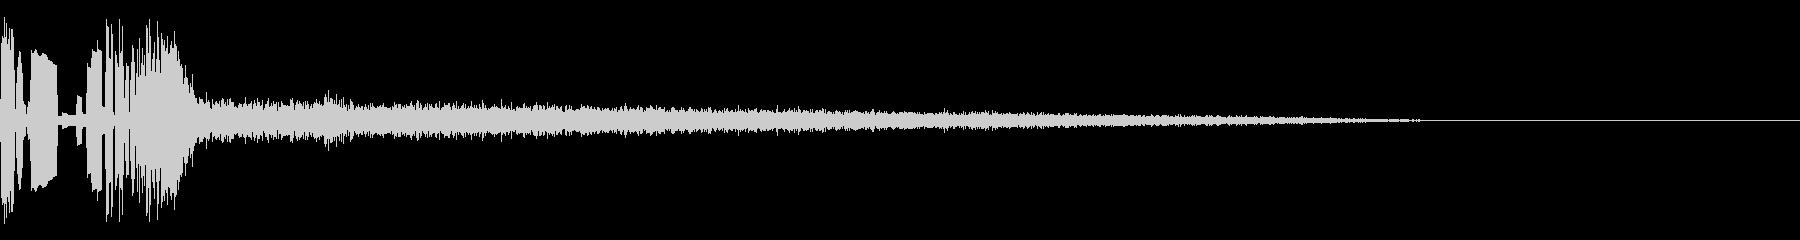 ドバシャー(ノイズ/工場/真空/飛行機の未再生の波形